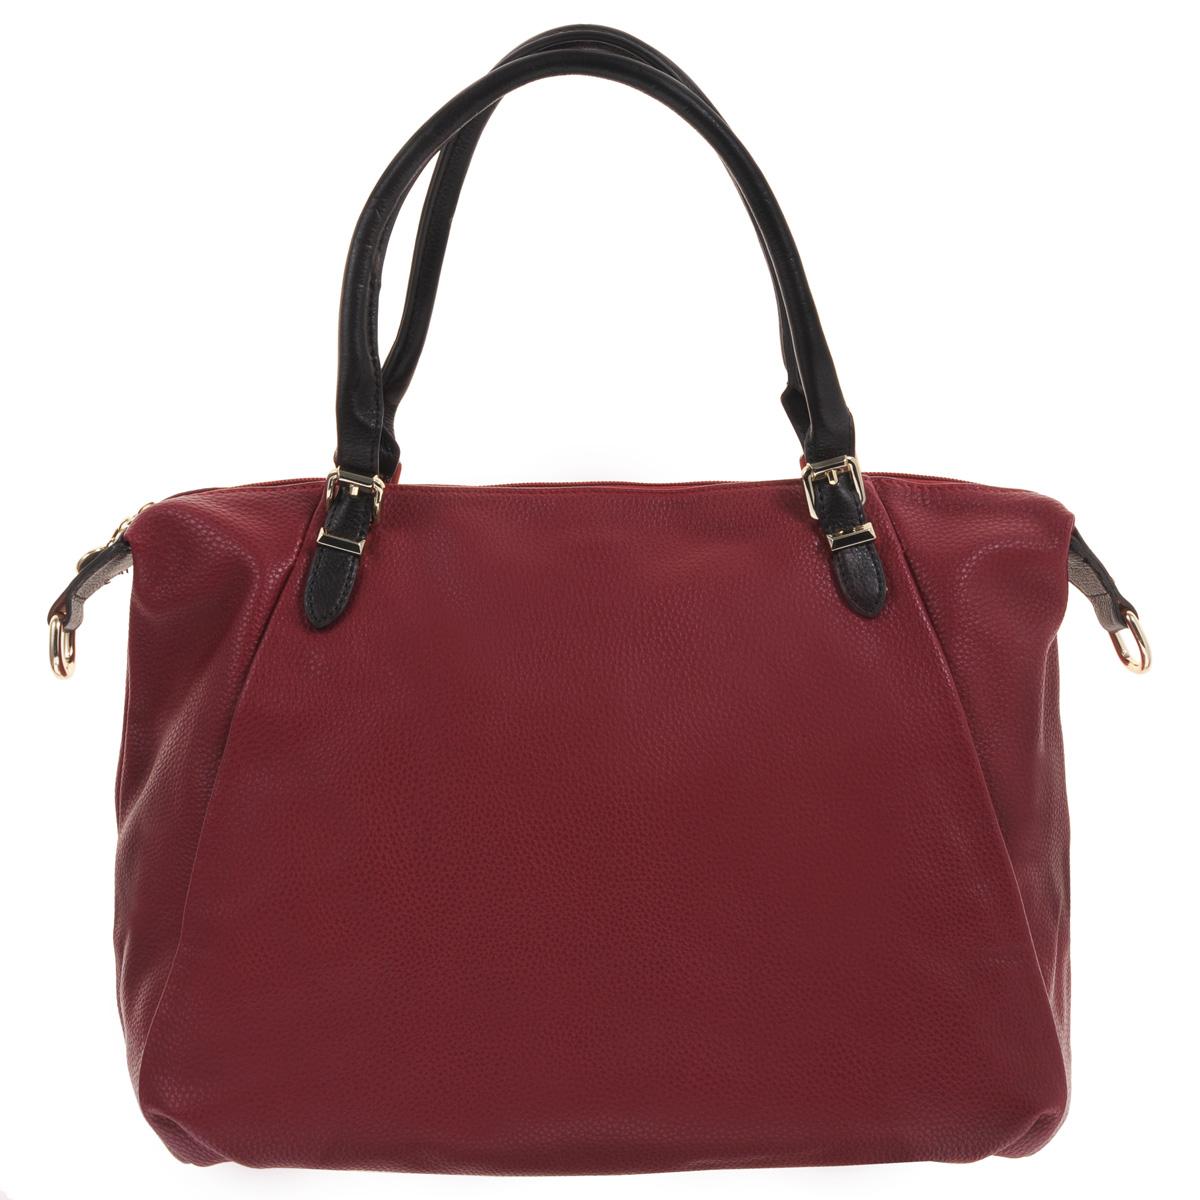 Сумка женская Fancys Bag, цвет: красный. 2858-122858-12 красныйСтильная сумка Fancys Bag выполнена из искусственной кожи с фактурой, напоминающей натуральную. Сумка закрывается на застежку-молнию и содержит одно вместительное отделение, разделенное пополам средником на застежке-молнии. Внутри - два накладных кармашка для мобильного телефона и мелочей, а также вшитый карман на застежке-молнии. С внешней стороны на задней стенке расположен вшитый карман на застежке-молнии. Сумка оснащена двумя ручками для переноски и съемным плечевым регулируемым ремнем. В комплекте чехол для хранения. Яркая сумочка Fancys Bag подчеркнет вашу индивидуальность и сделает образ завершенным.